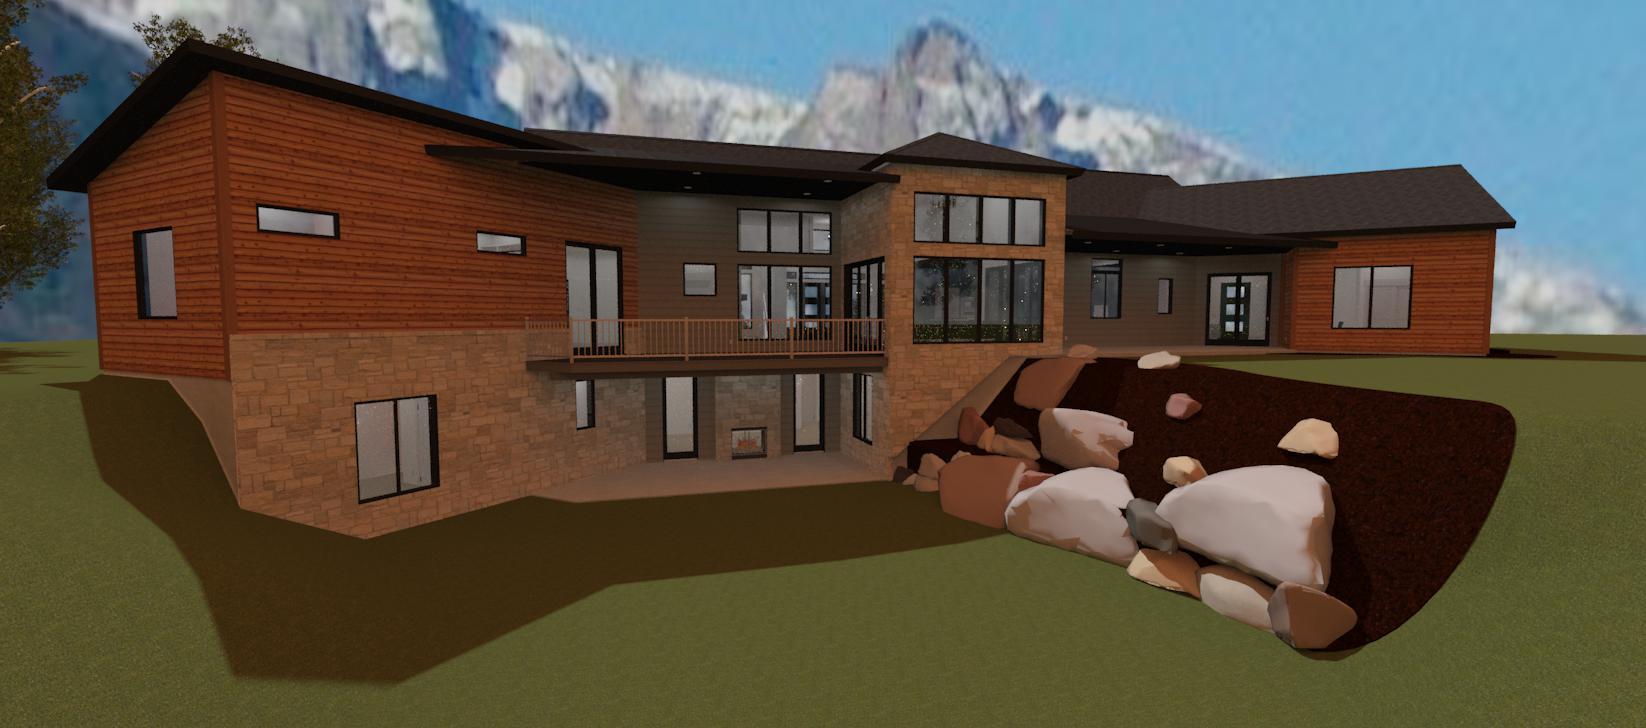 Steve's Award-Winning Residential Design